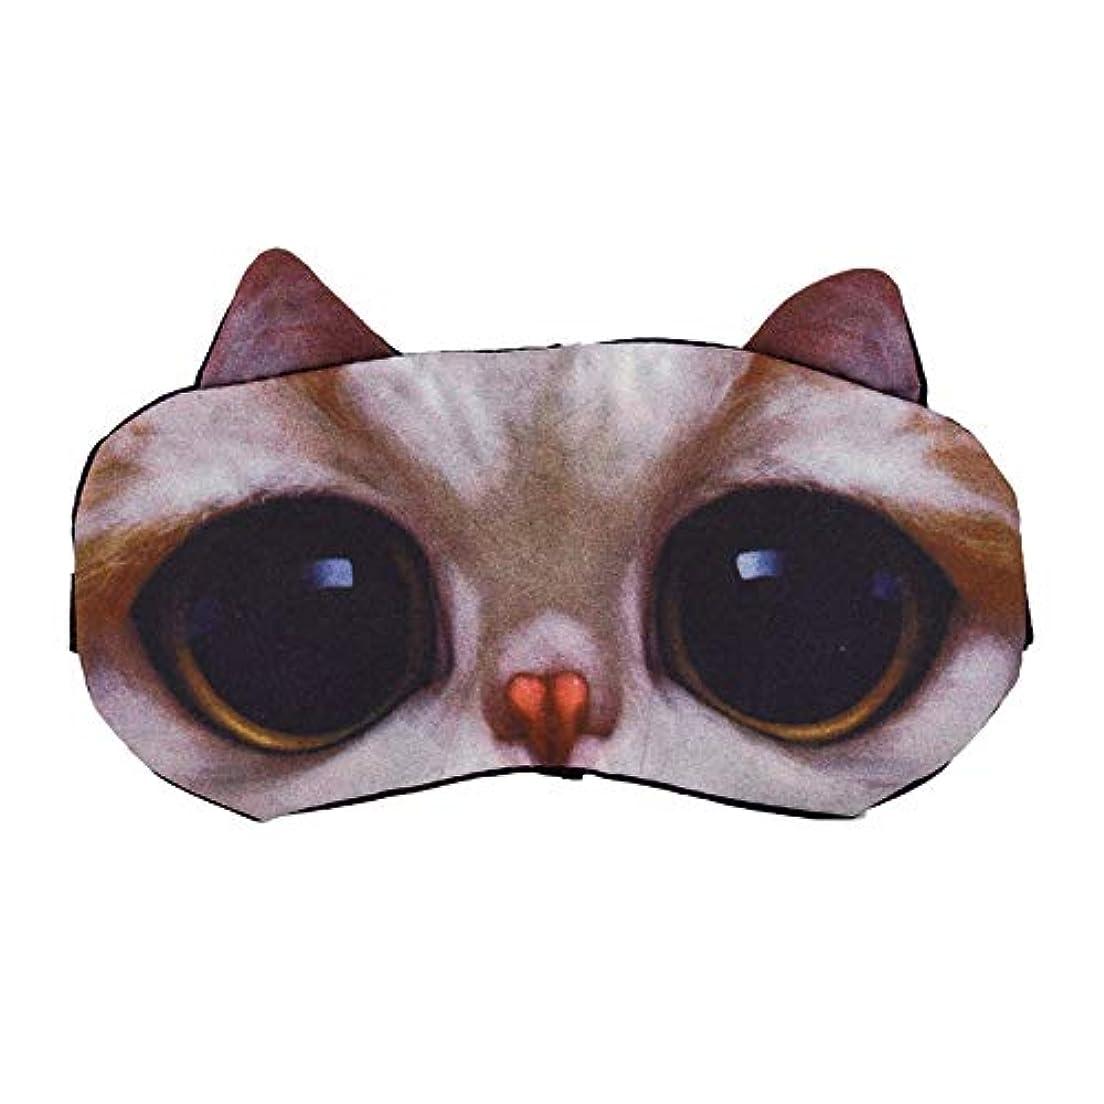 詐欺師リマ方向NOTE 3d漫画の動物のアイマスクかわいい旅行エイド睡眠残りシェード睡眠マスクカバーソフト睡眠マスク援助ナップシェードメイクアップアイケア